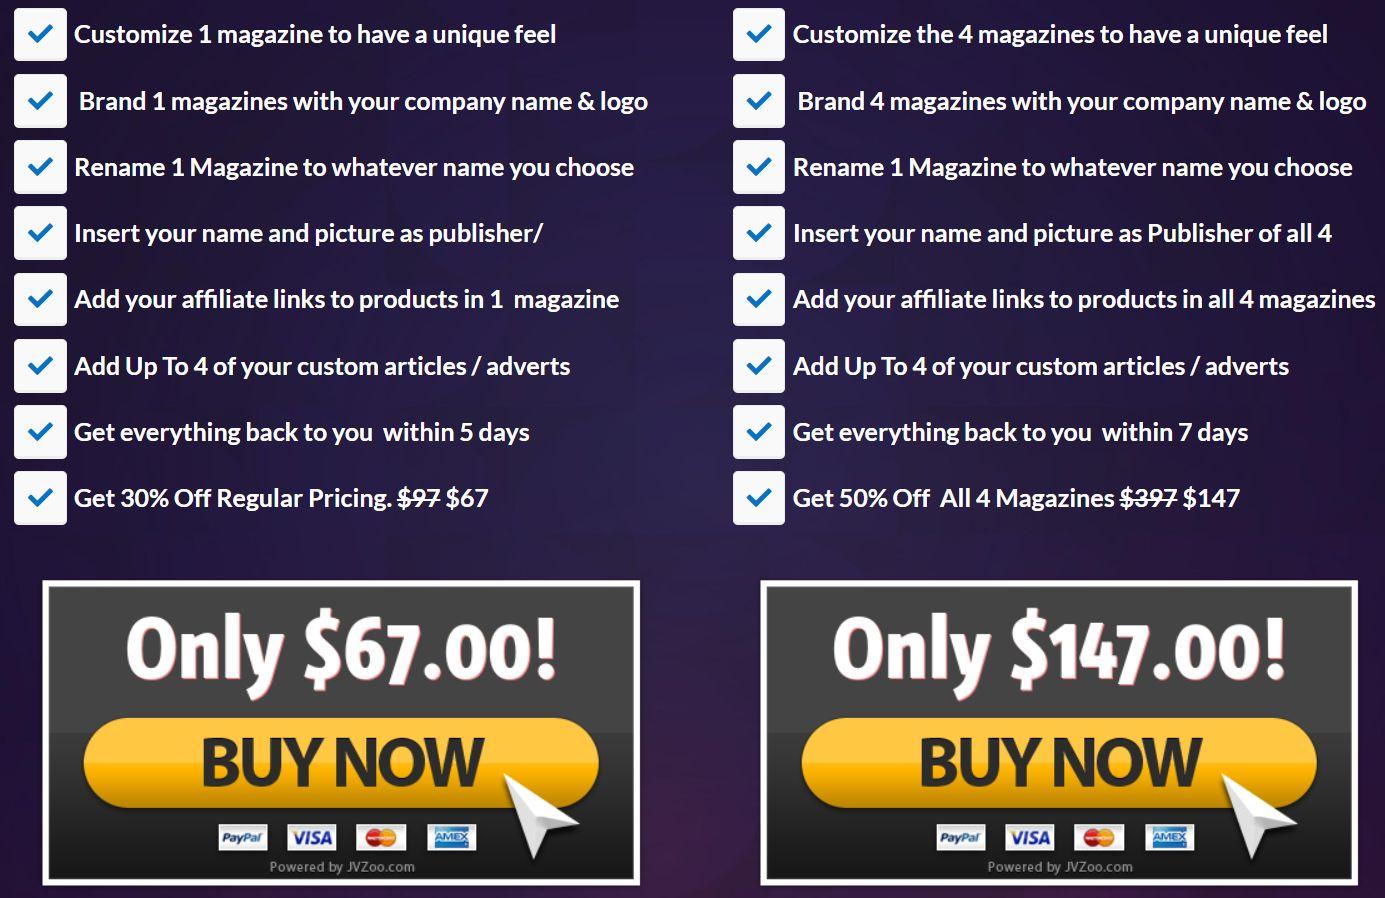 RebrandMagz-Review-Price-OTO2